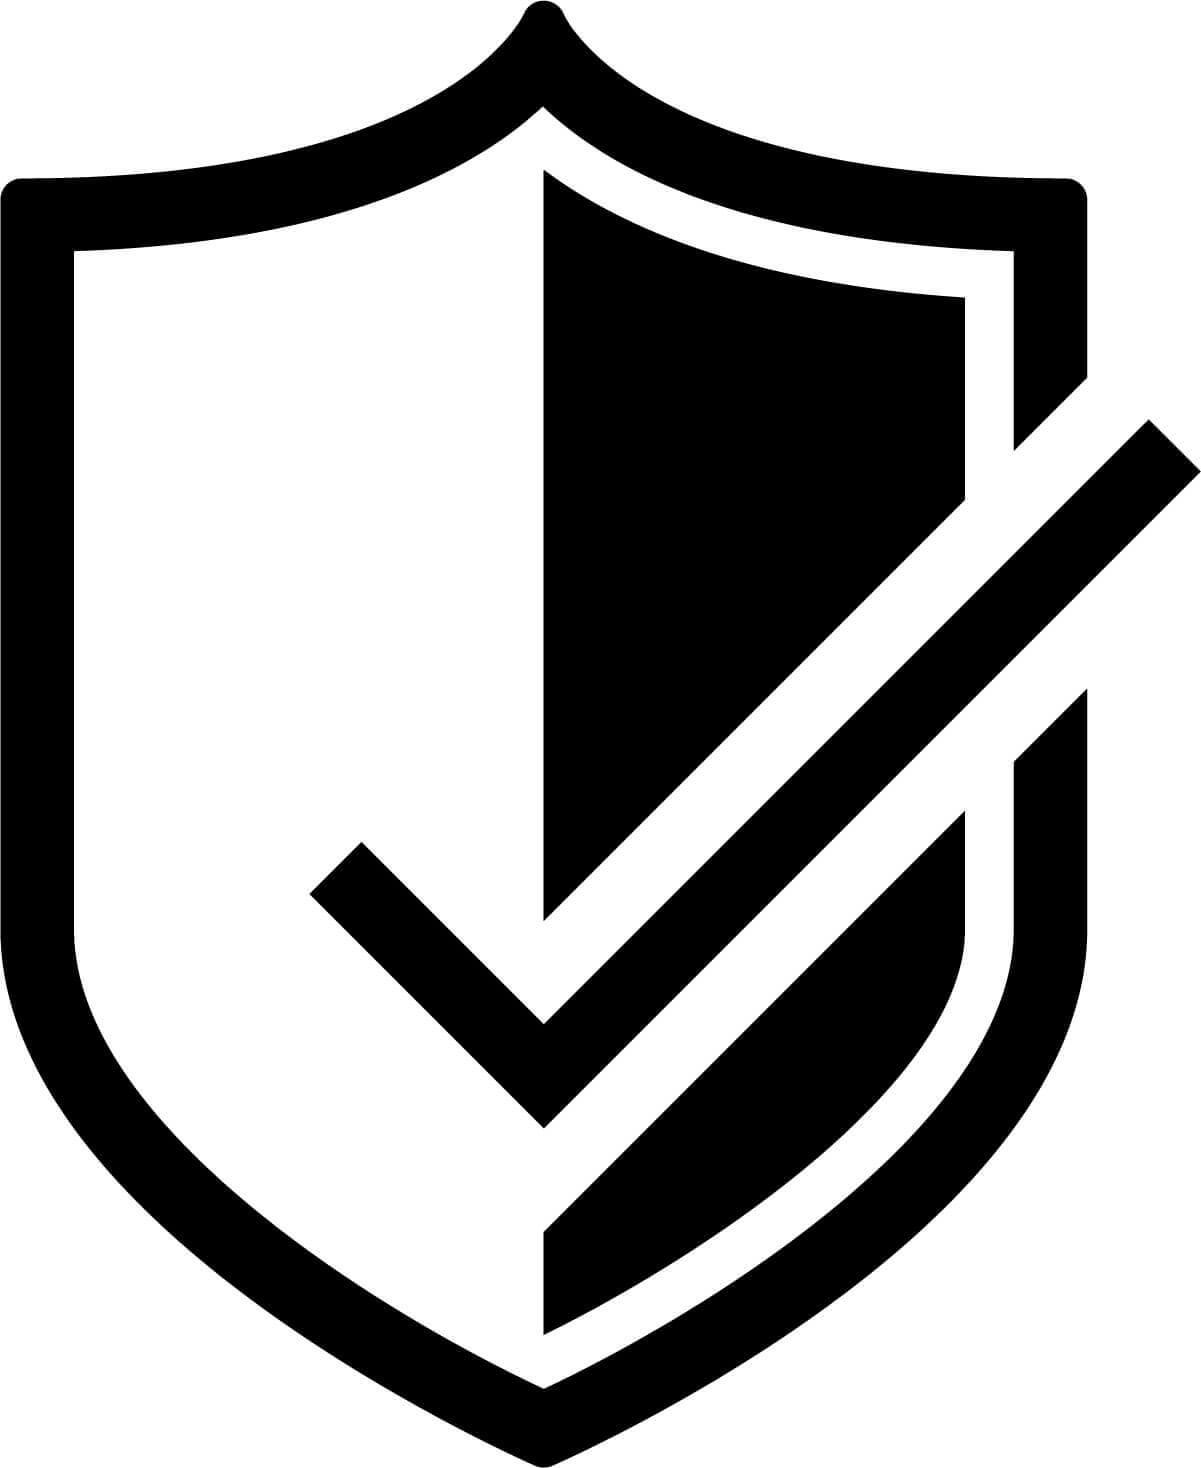 Znalezione obrazy dla zapytania bezpieczny sklep certyfikat